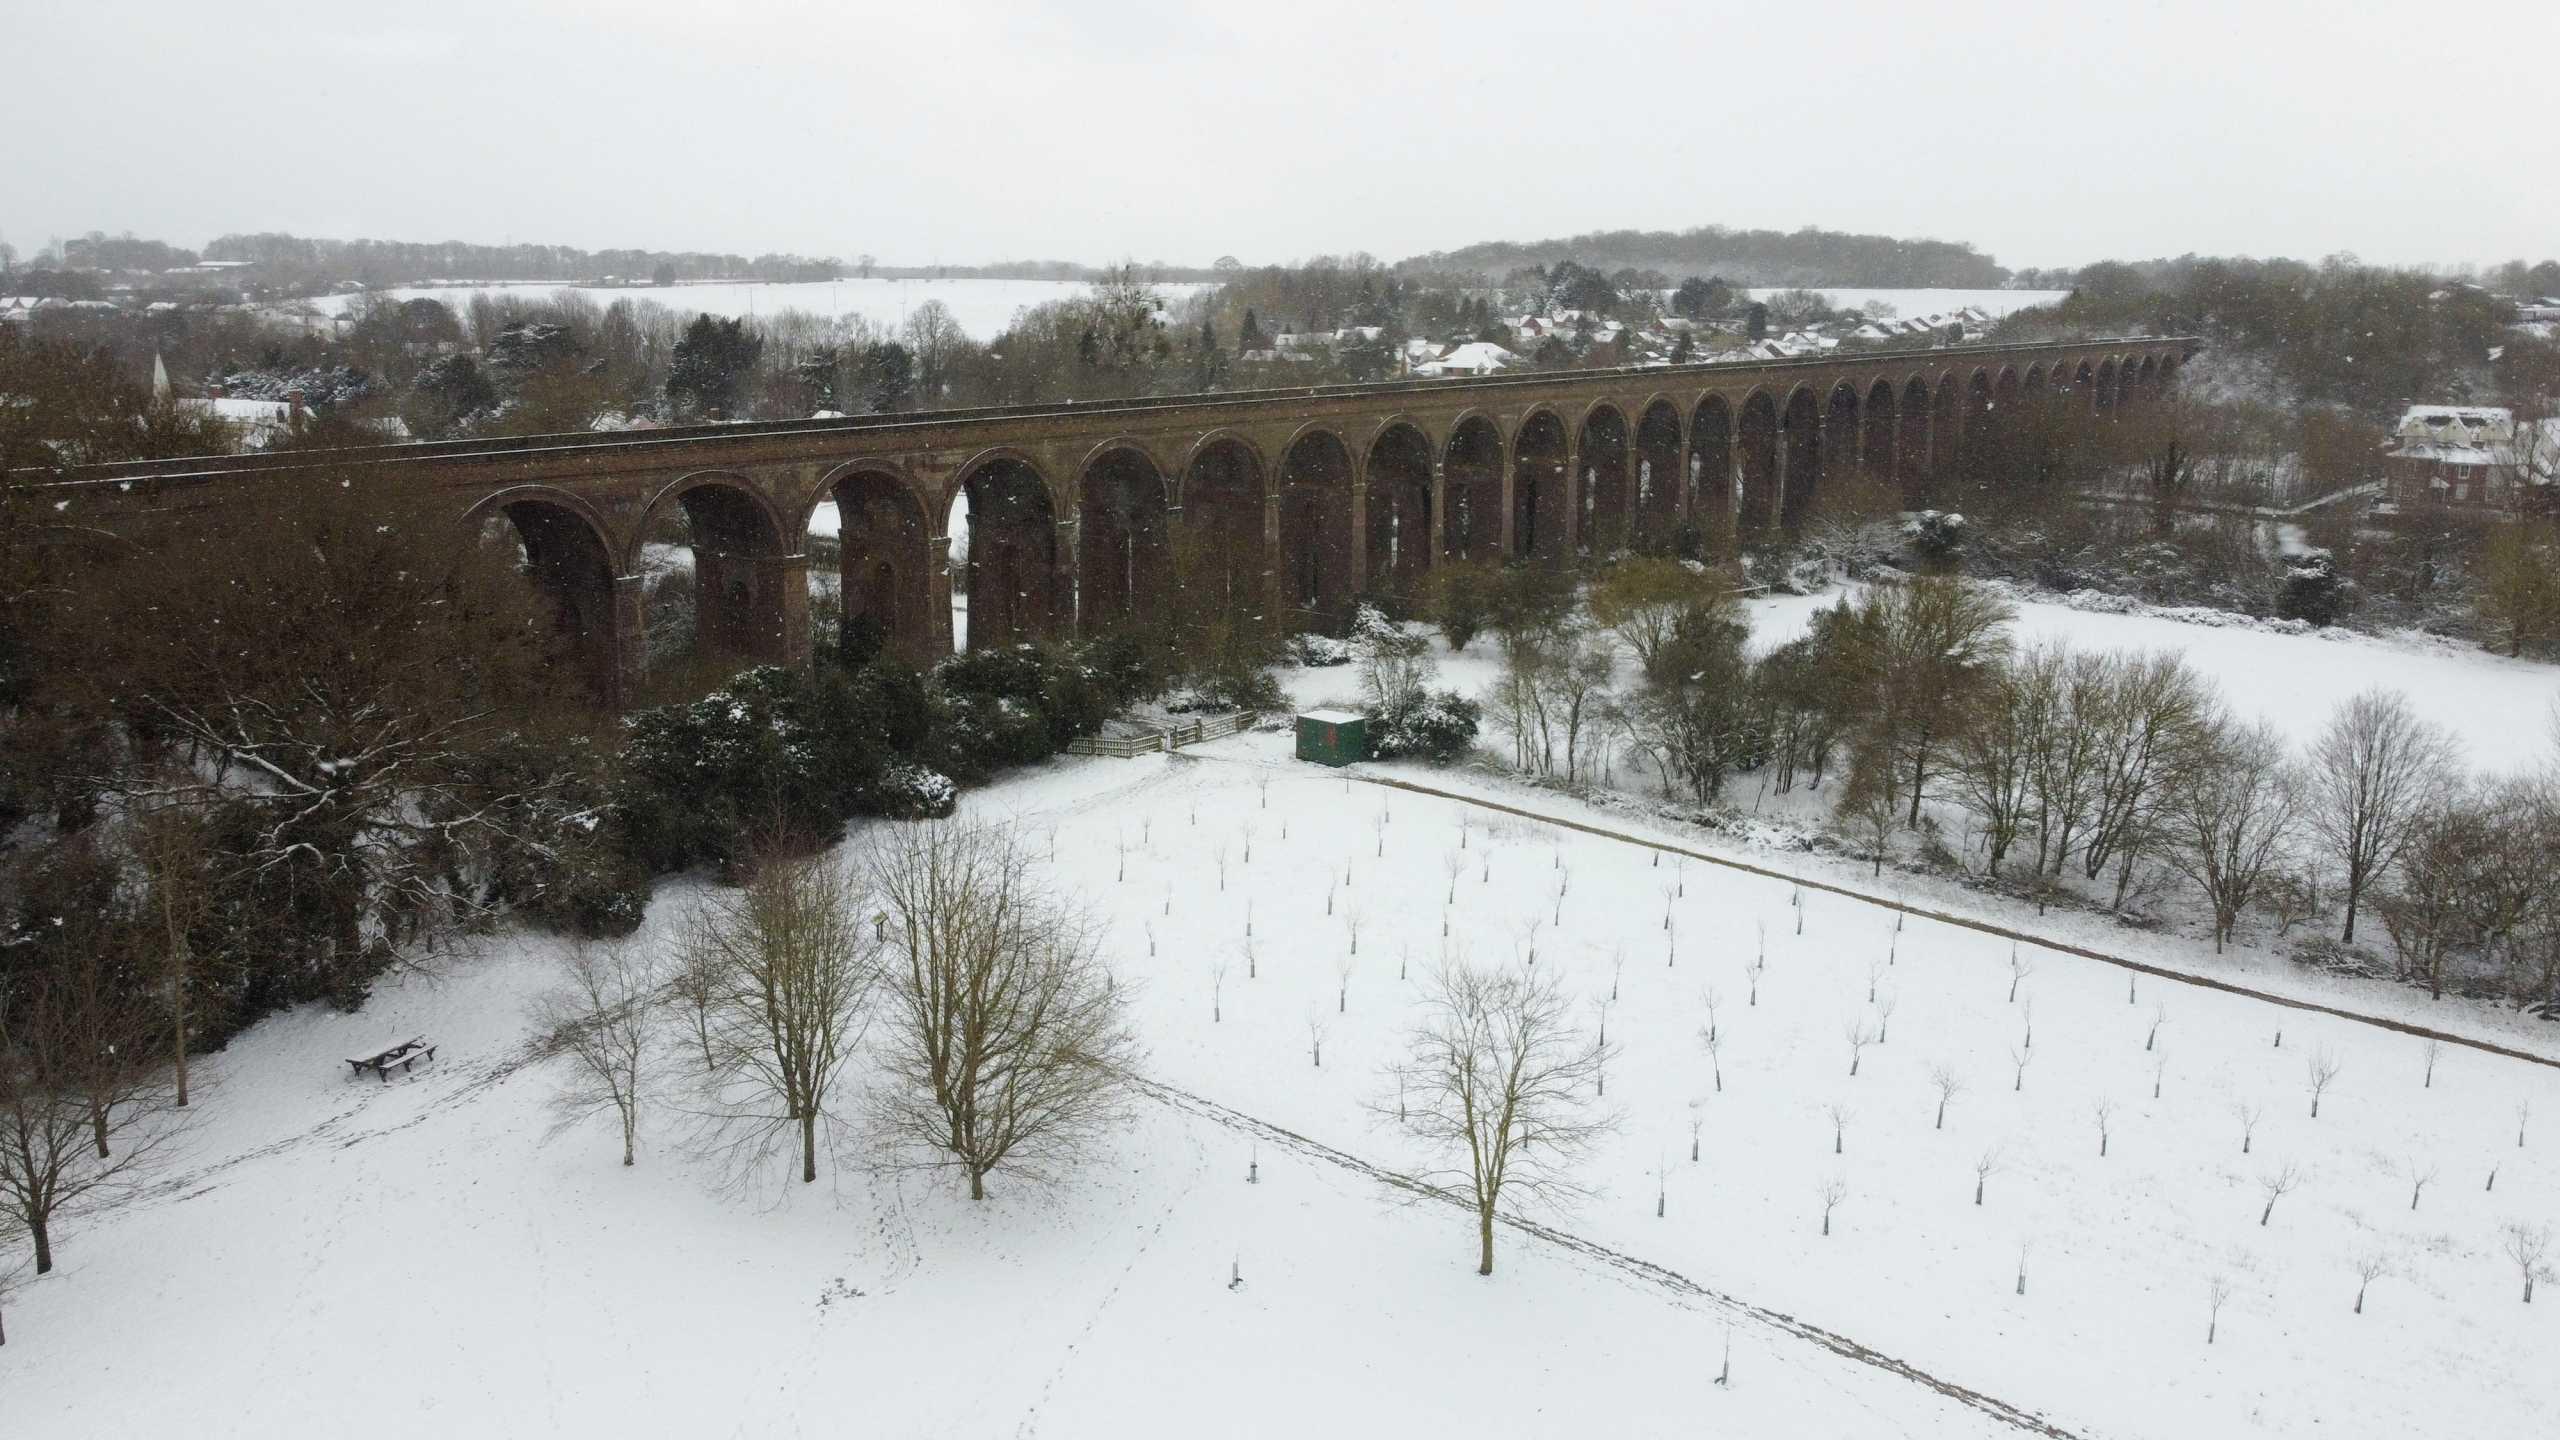 Εφιαλτικό 48ωρο για τη Γερμανία λόγω σφοδρής χιονόπτωσης – Προβλήματα στην κεντρική Ευρώπη (video)